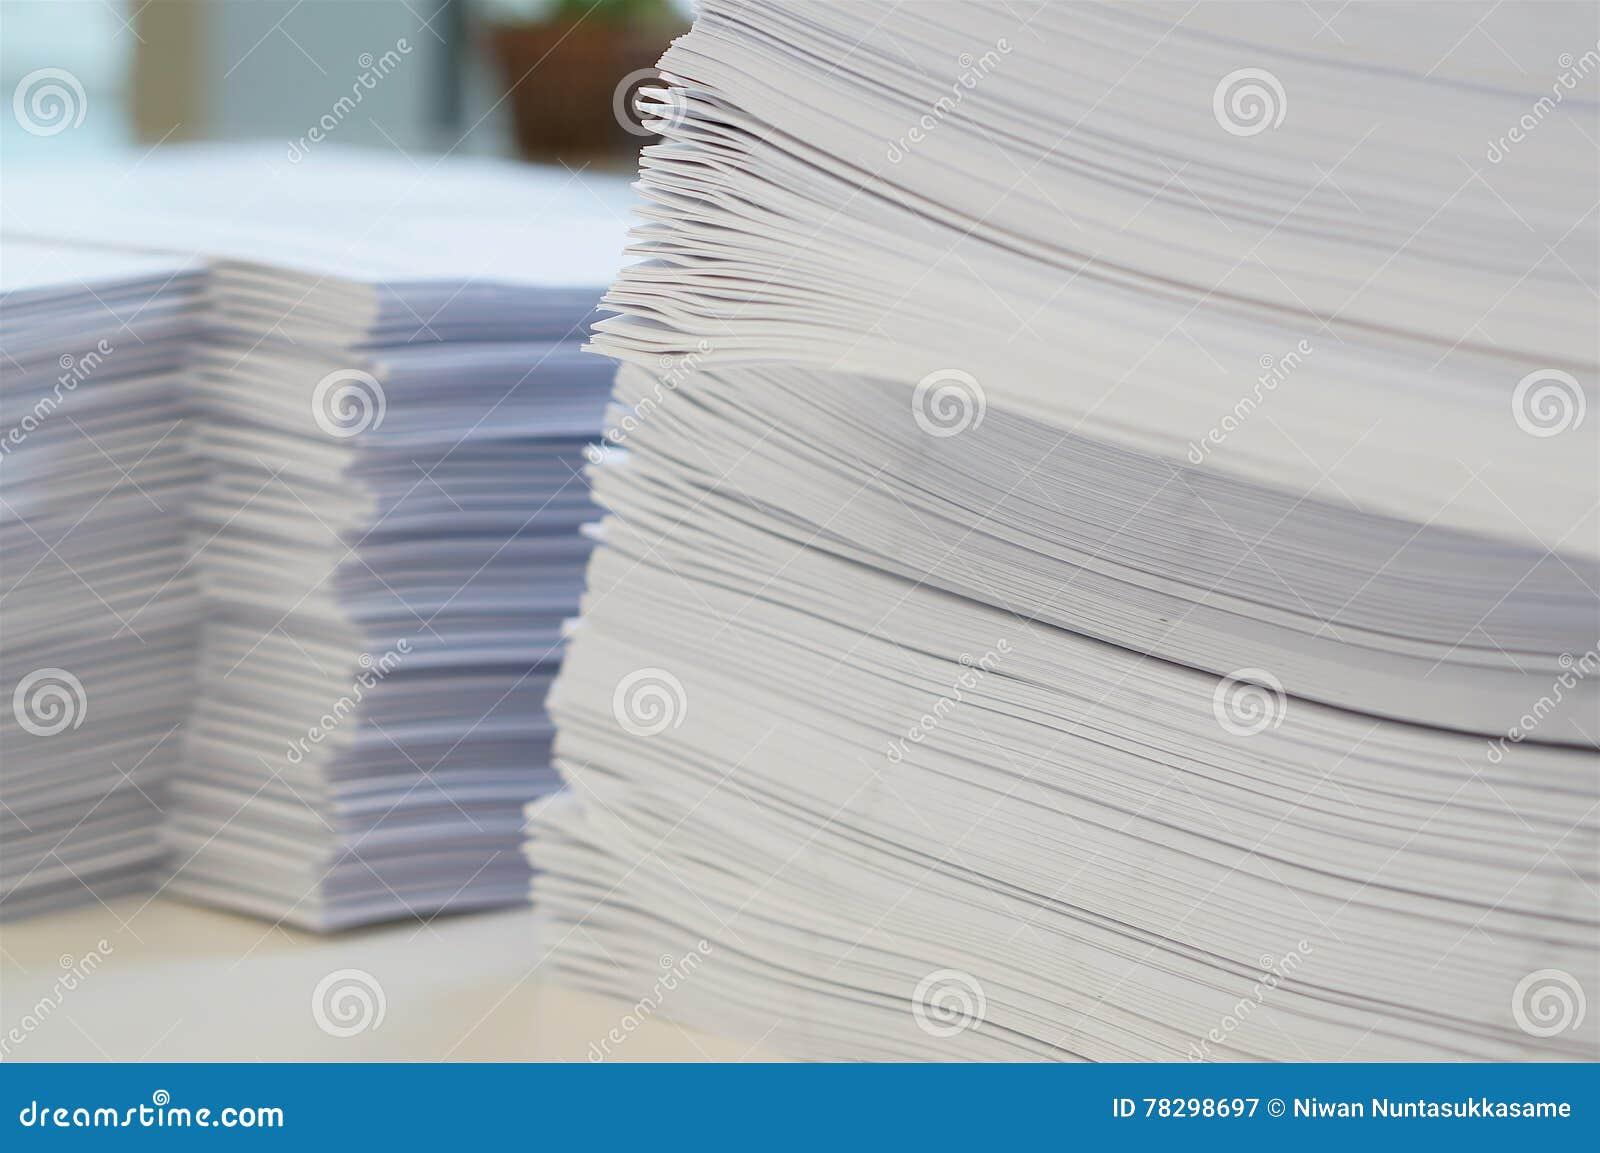 Stapel des Weißbuchblattes im Büro